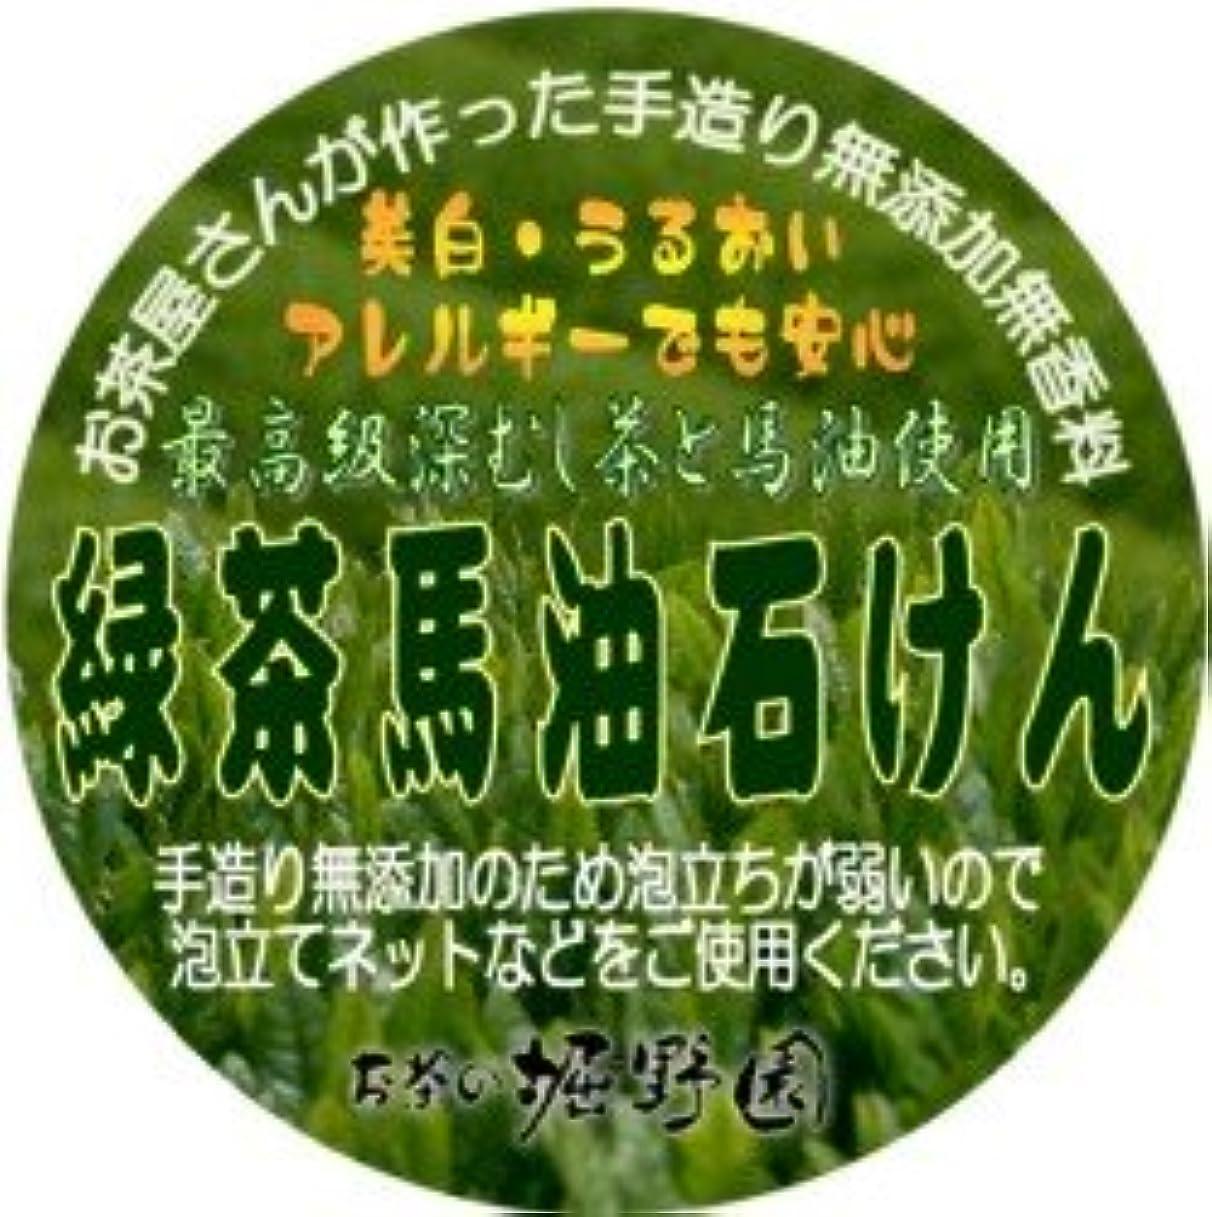 ベンチフィクションオーガニック無添加無着色 緑茶馬油石けん(アトピー?弱肌の方のご愛用が非常に多い商品です)